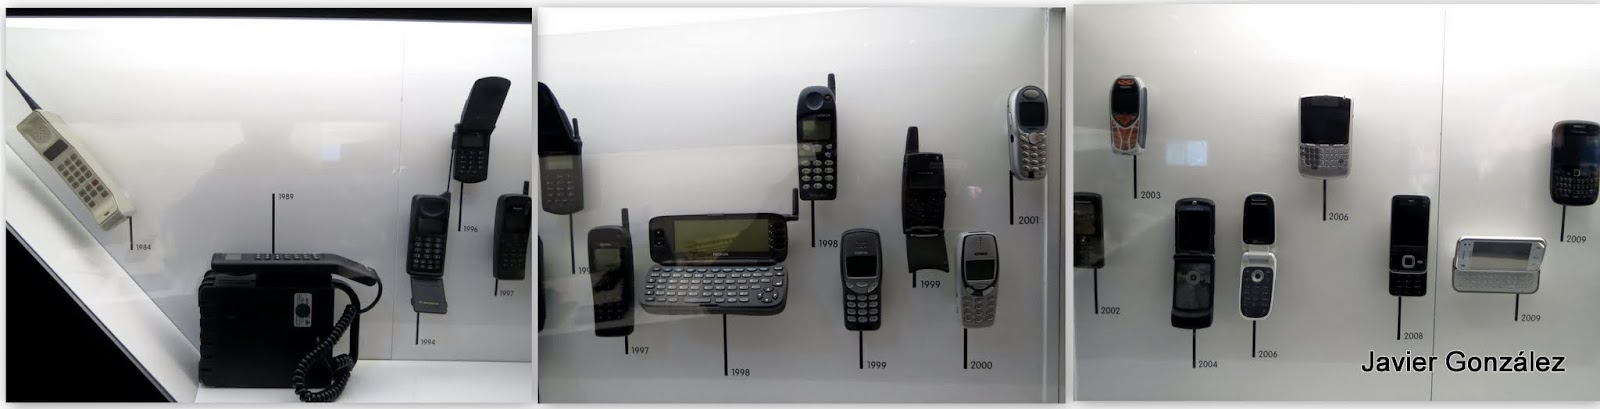 Evolución del teléfono móvil hasta nuestros días Evolution of mobile phone to the present day